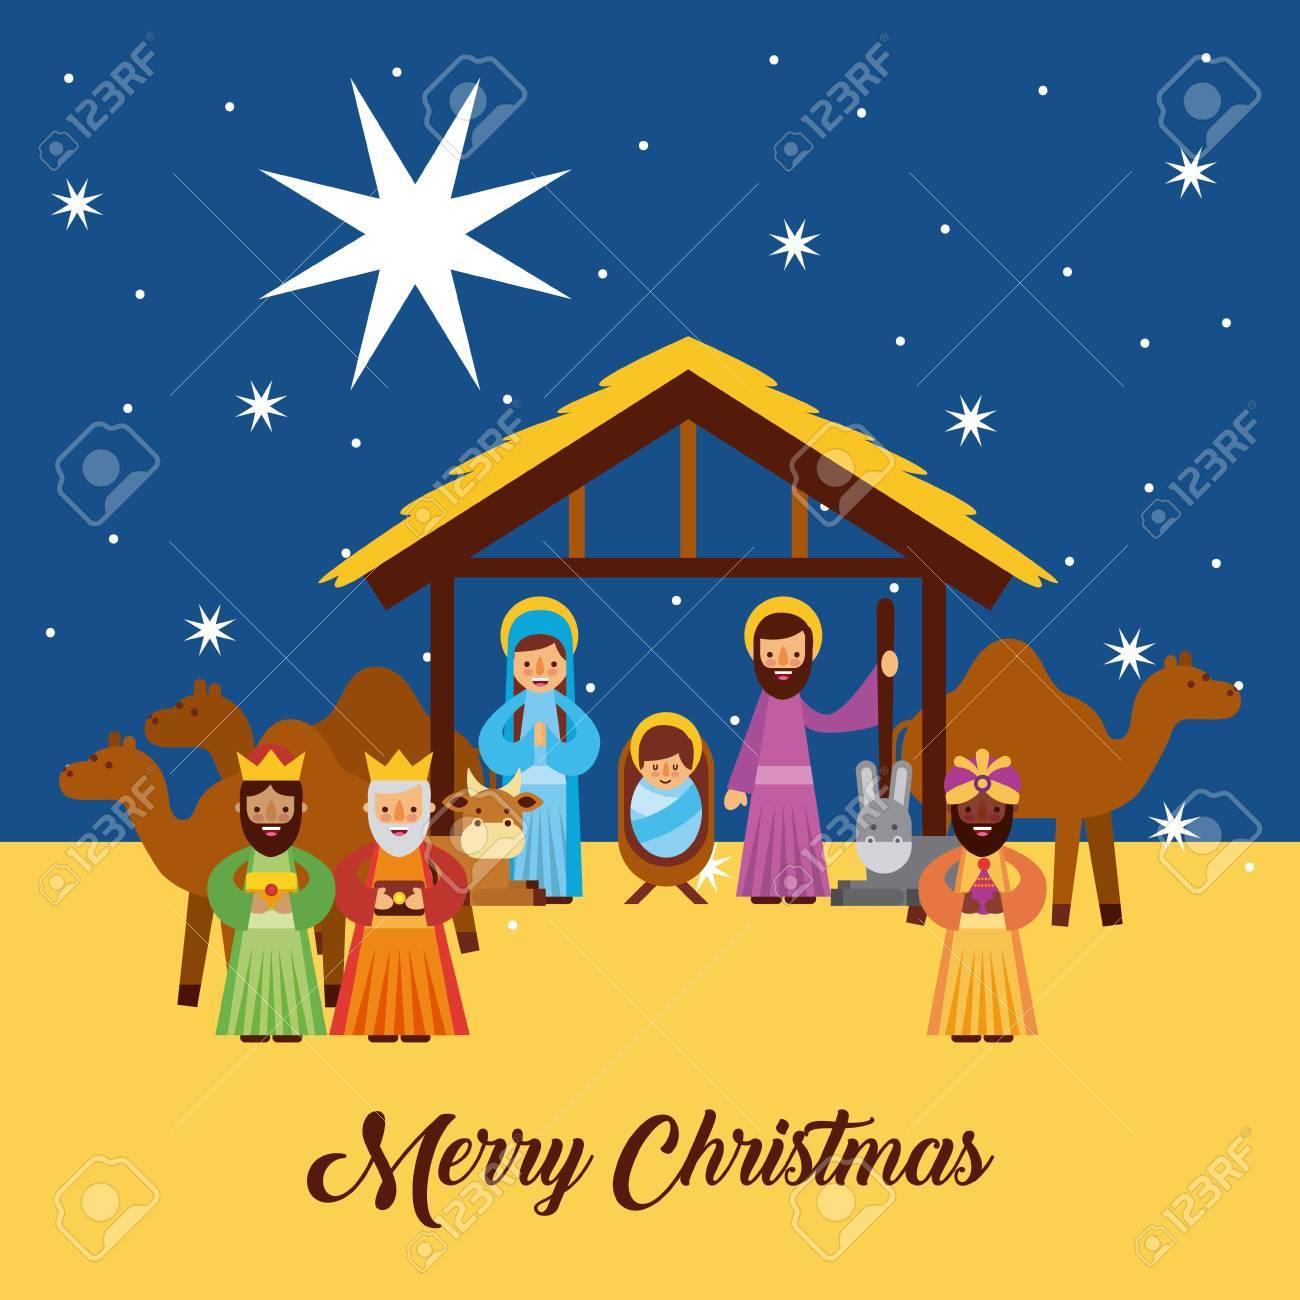 Feliz Navidad Saludos Con Jesus Nacido En El Pesebre Joseph Y Mary Wise King Personajes Ilustracion Vectorial Ilustraciones Vectoriales Clip Art Vectorizado Libre De Derechos Image 87065065